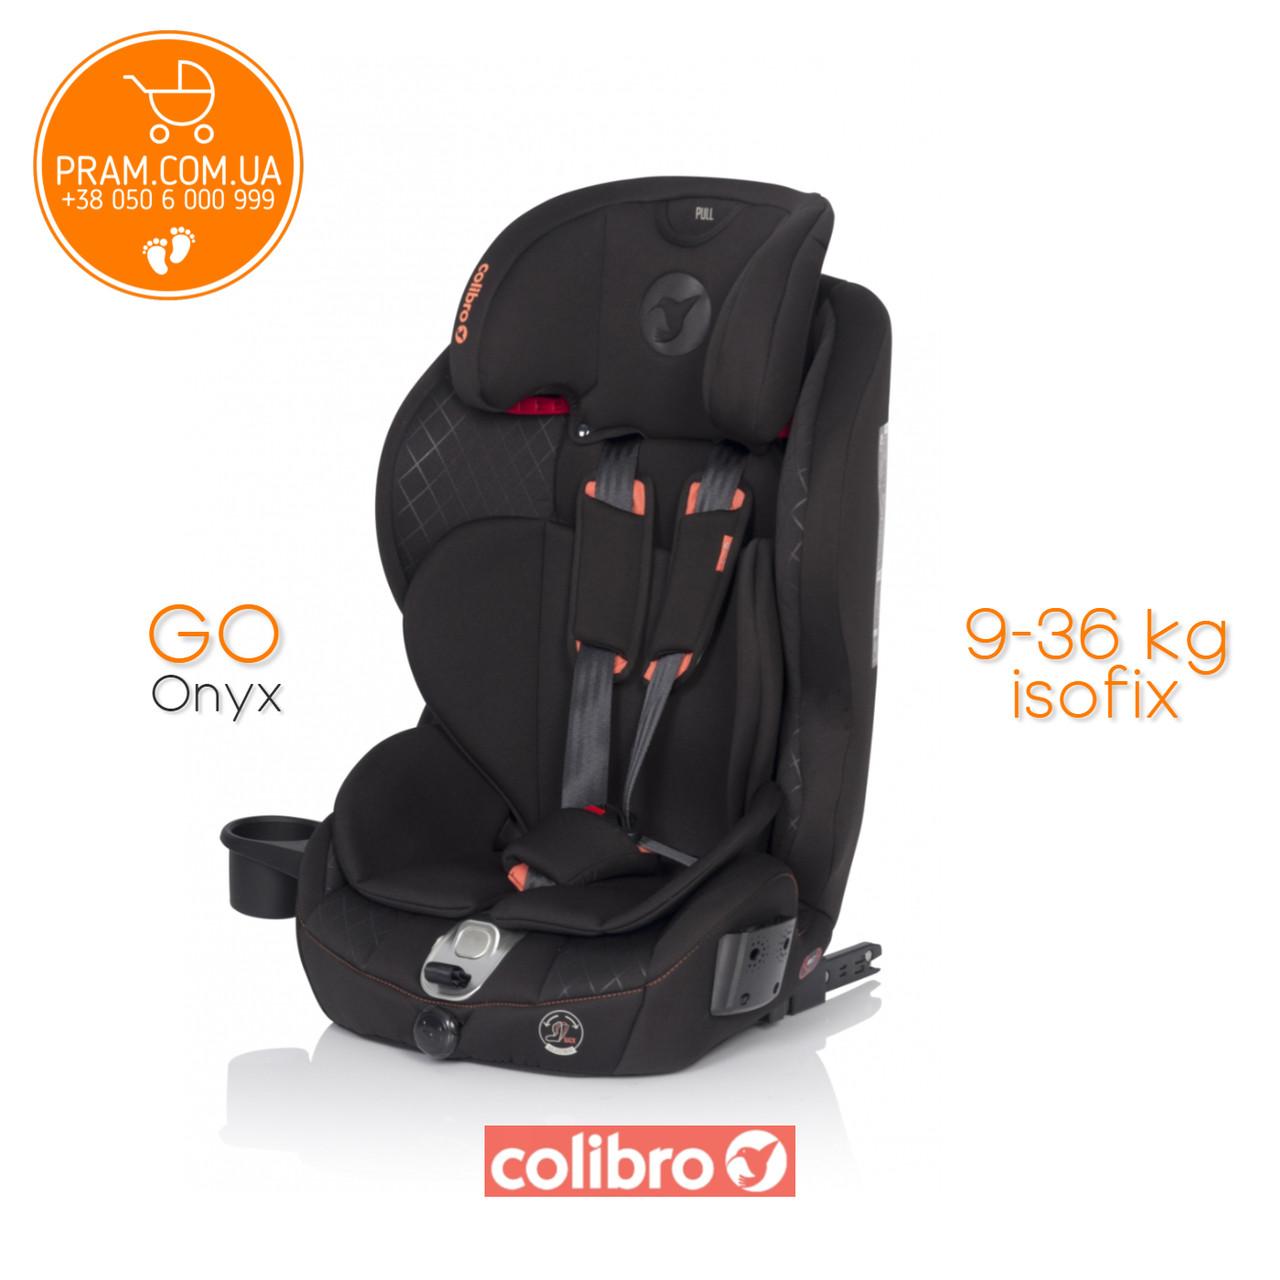 COLIBRO GOISOFIX 2019 автокресло группы 1-2-3 (9-36 kg) Onyx Черный